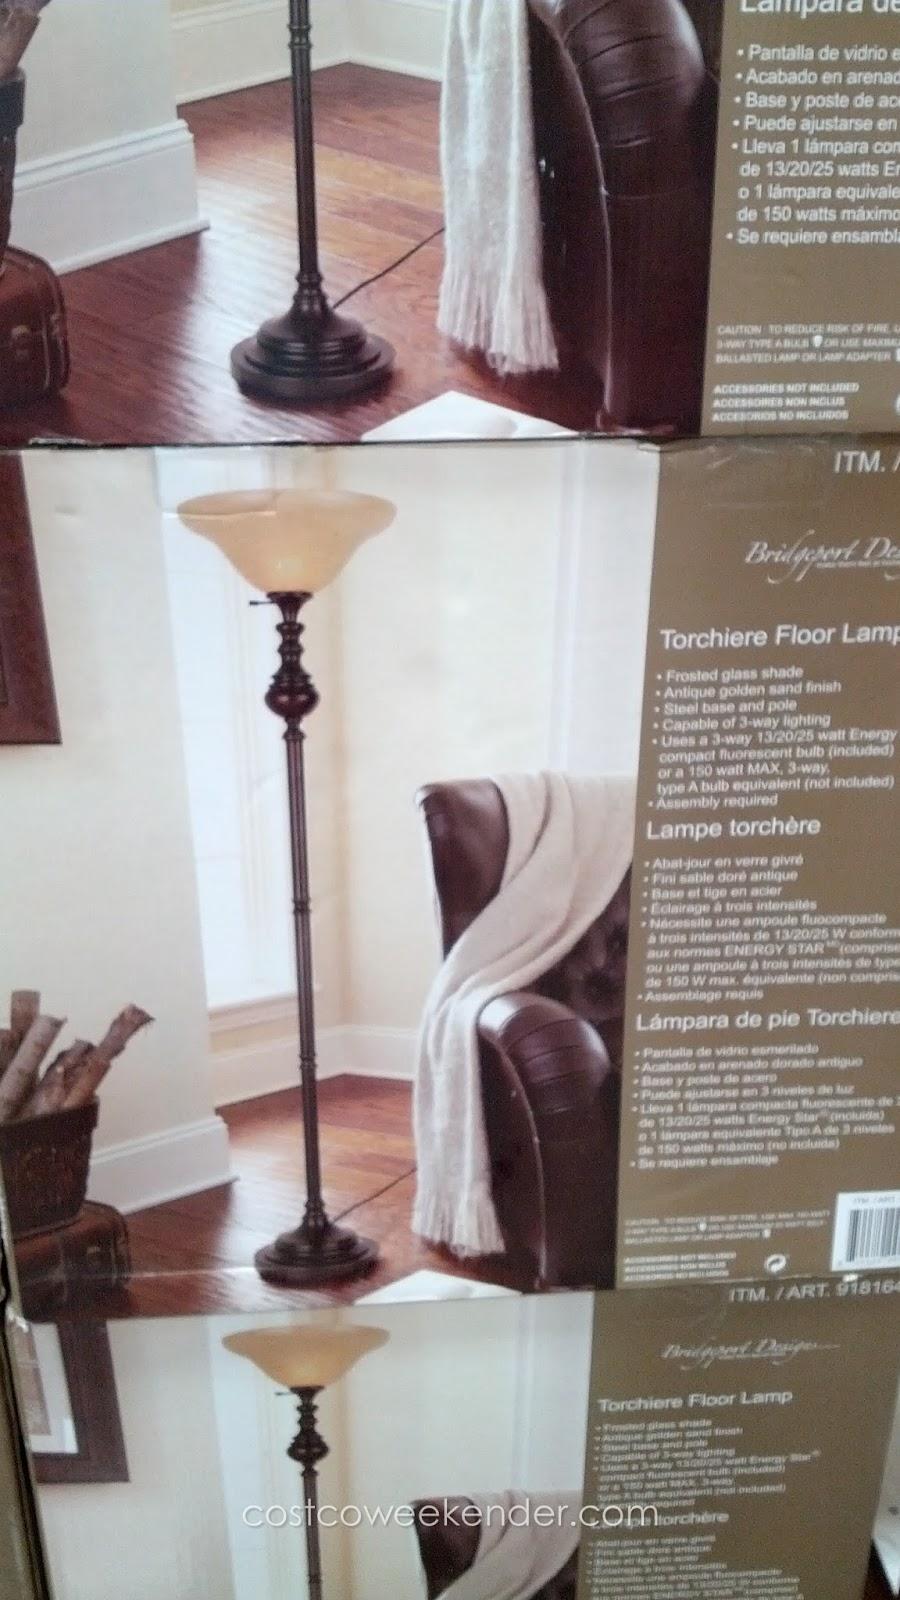 Bridgeport Designs Torchiere Floor Lamp   Costco Weekender